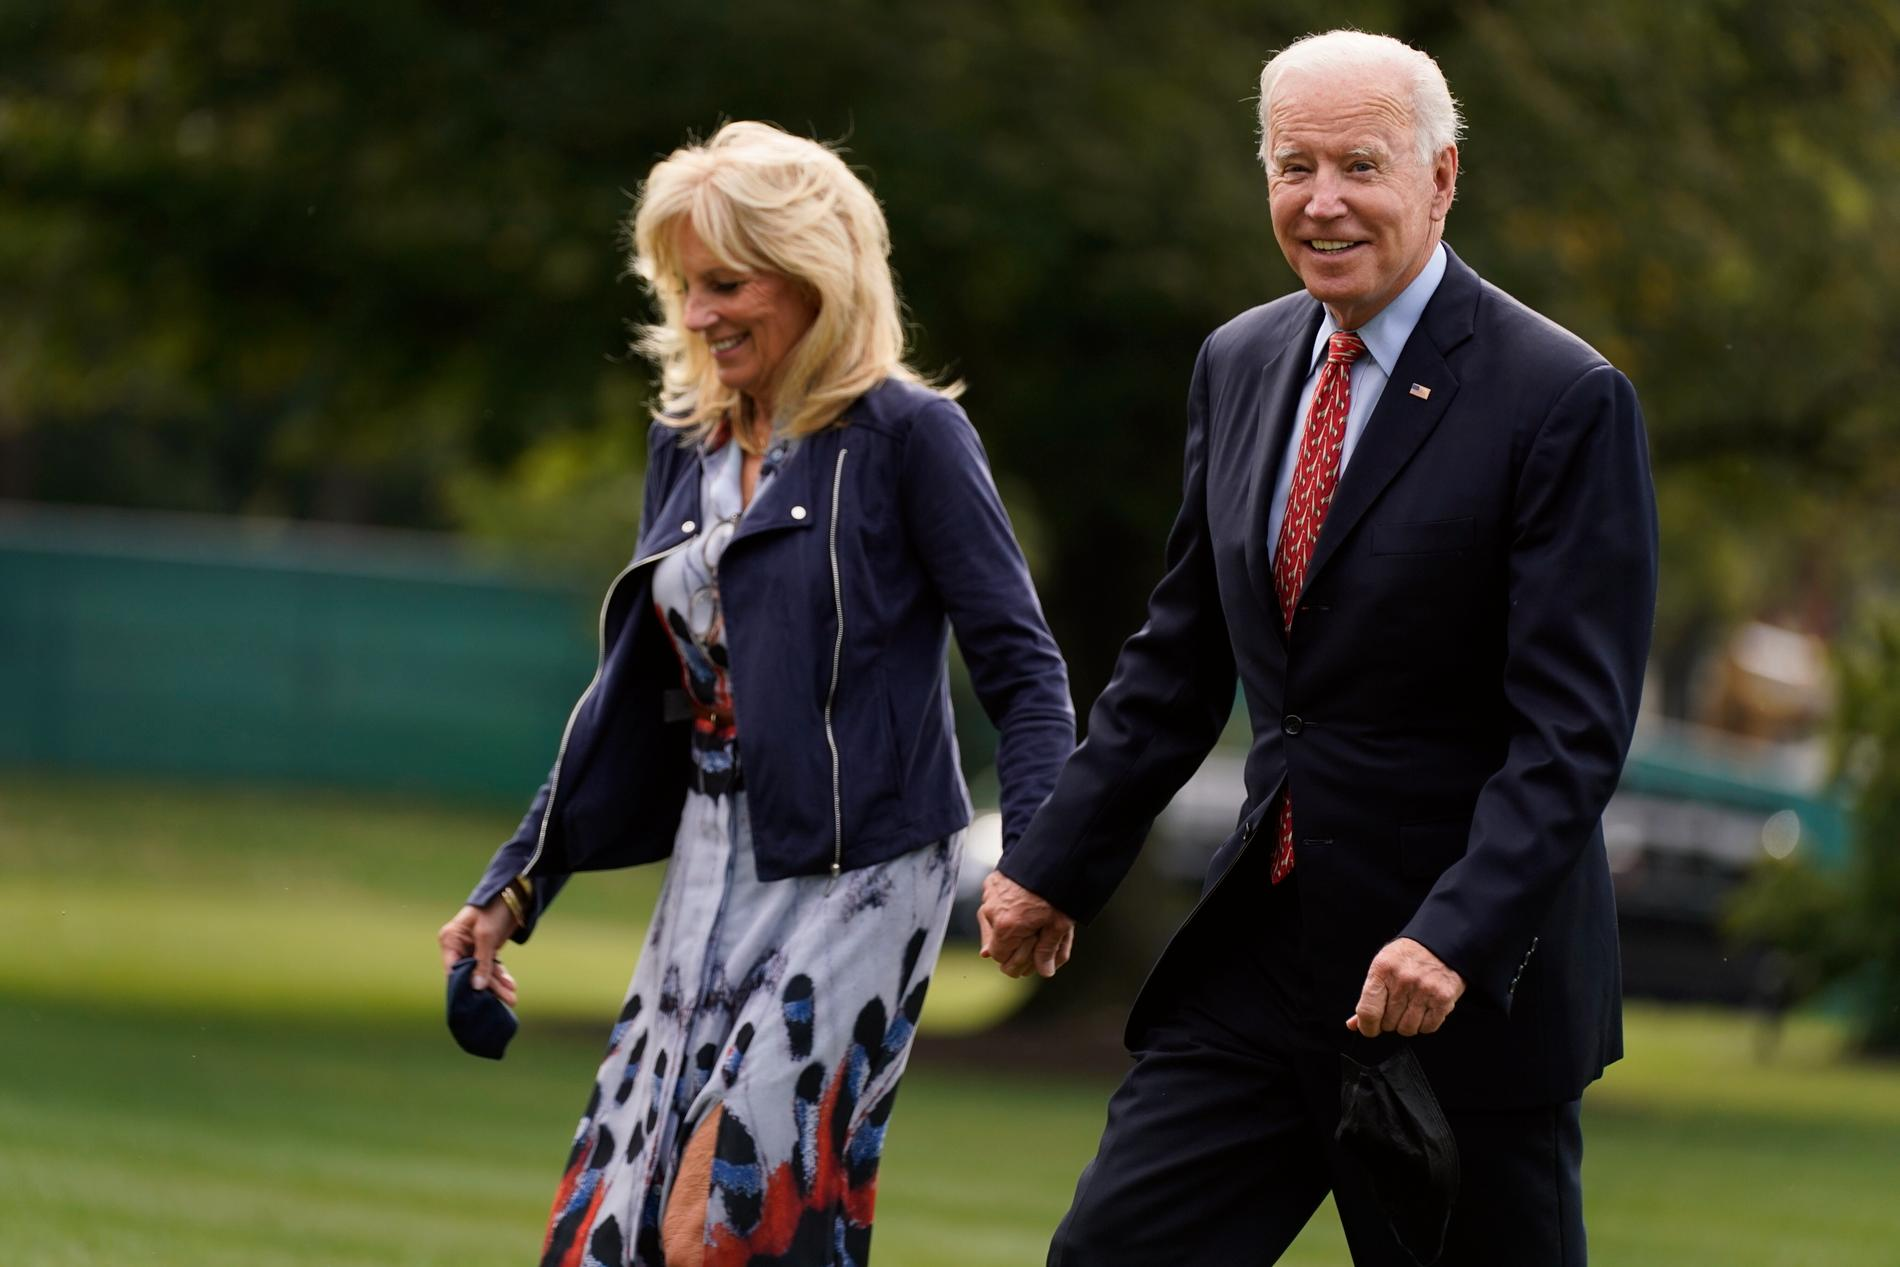 USA:s president Joe Biden och hans hustru Jill Biden ska träffa påven i Vatikanstaten den 29 oktober. Arkivbild.